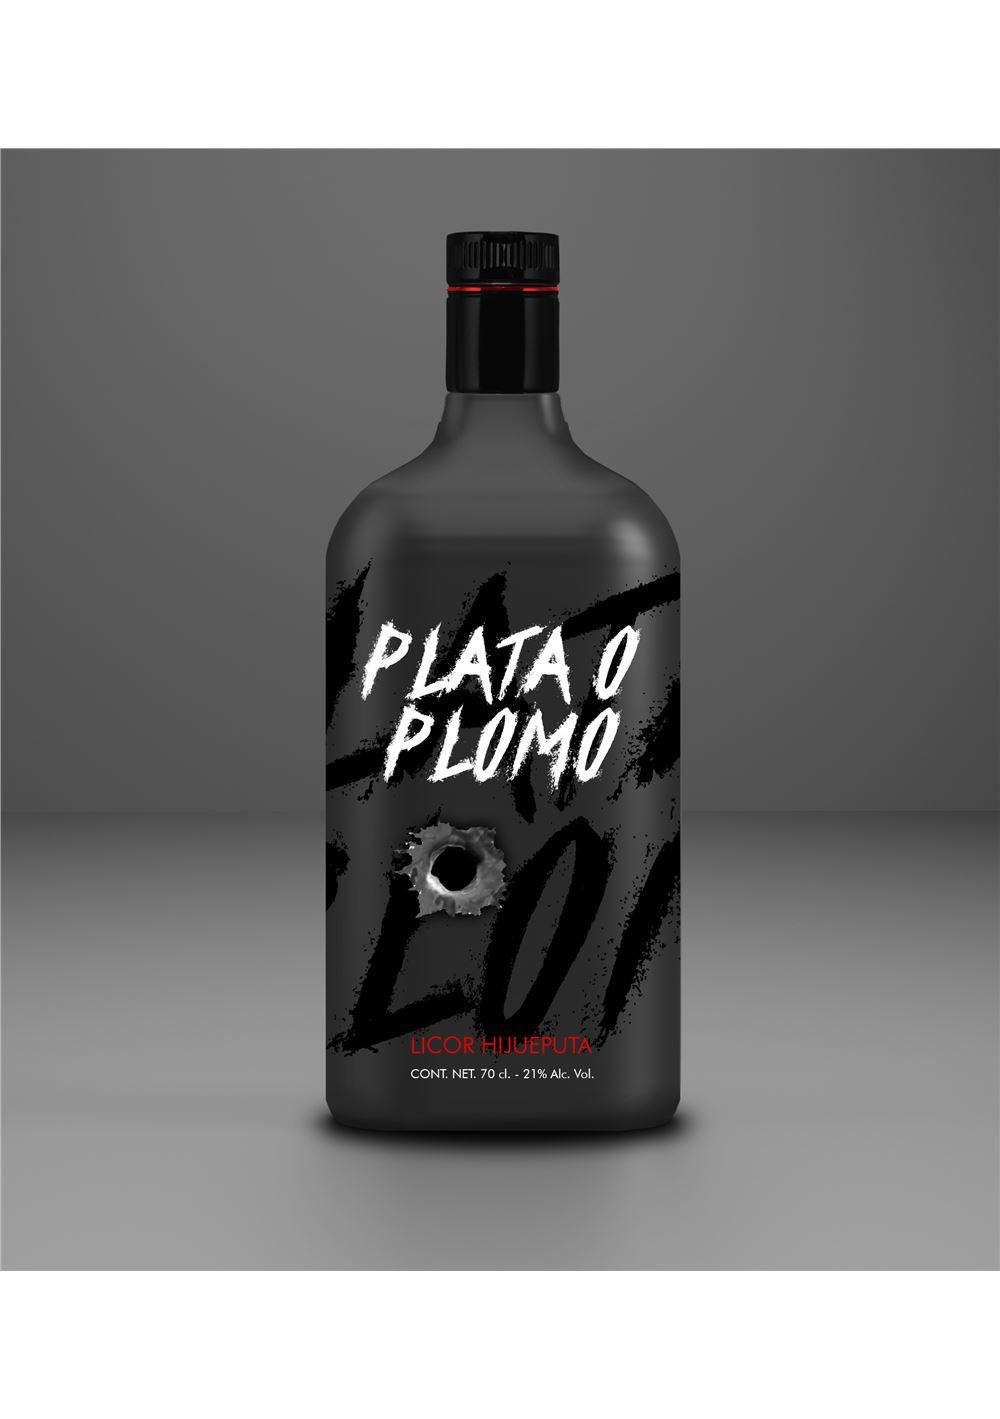 PLATA O PLOMO